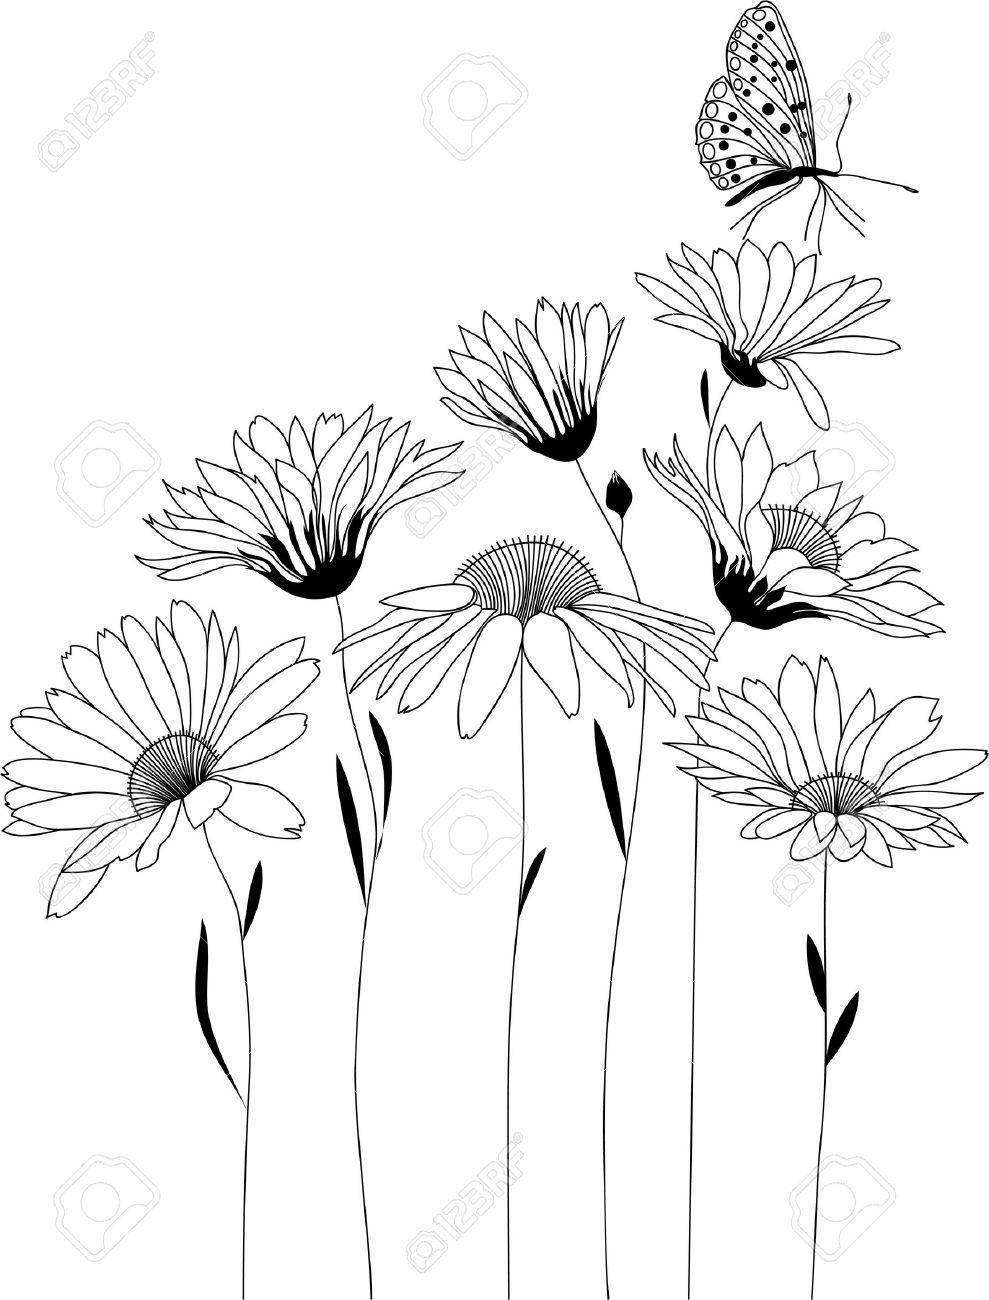 Fleurs Stylisées conception florale, bouquet de fleurs stylisées, illustration